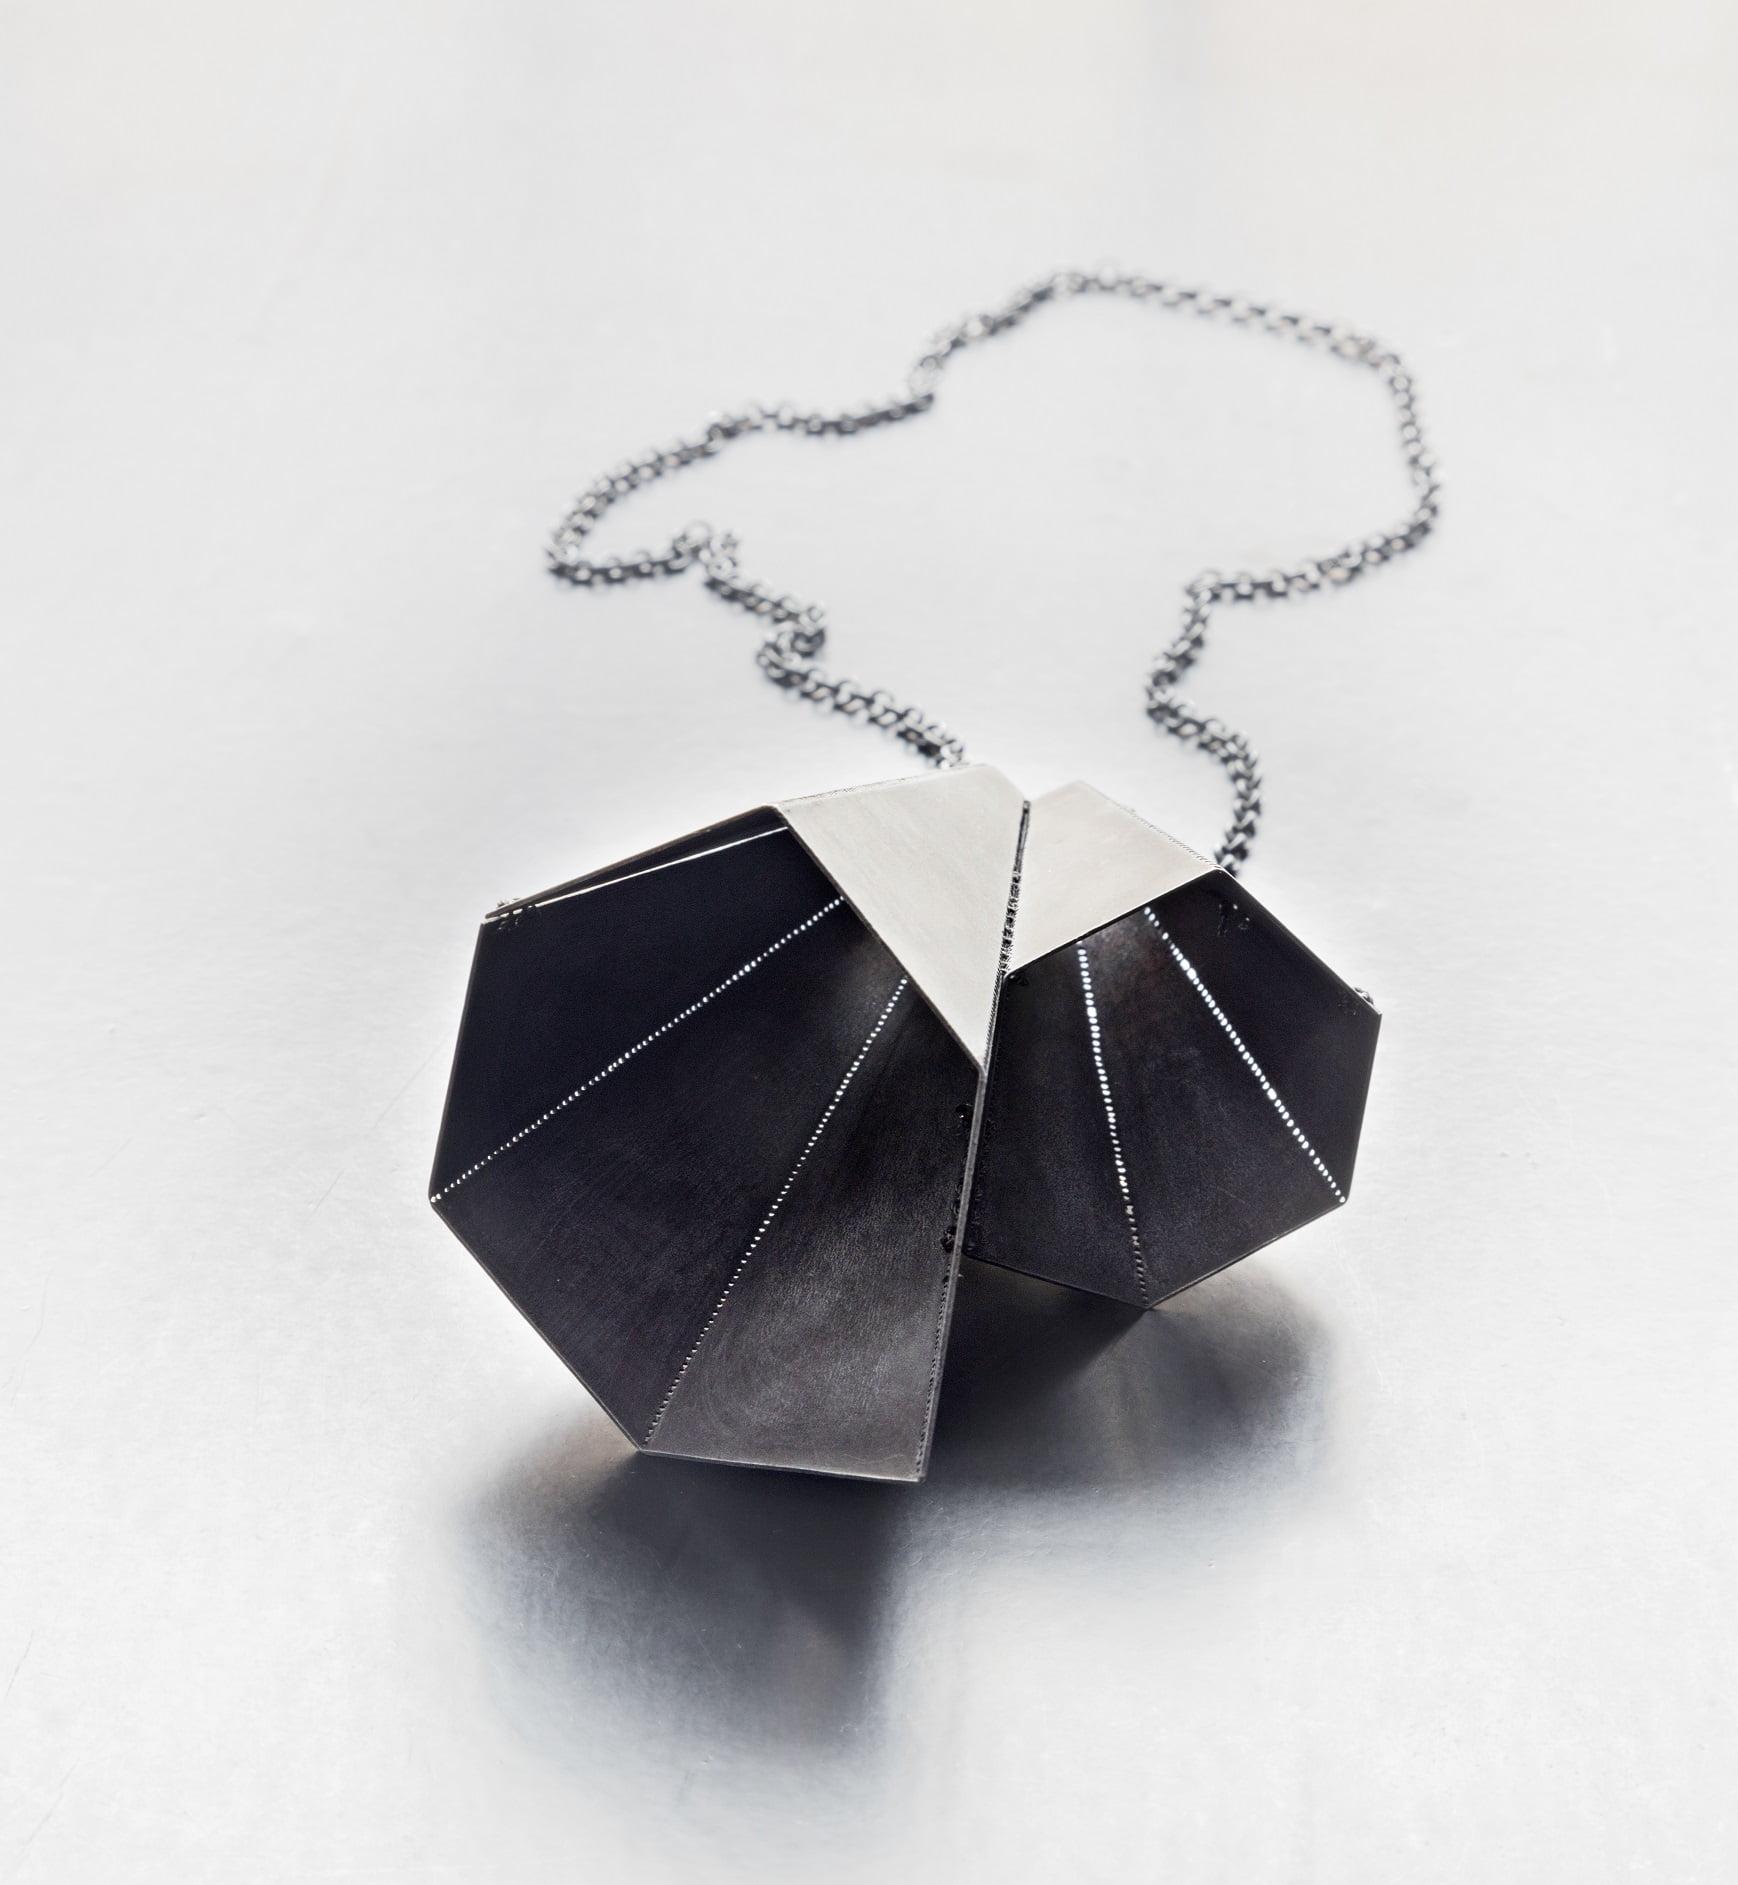 Halssmycke av Helena Sandström i etsad zink och oxiderat silver.